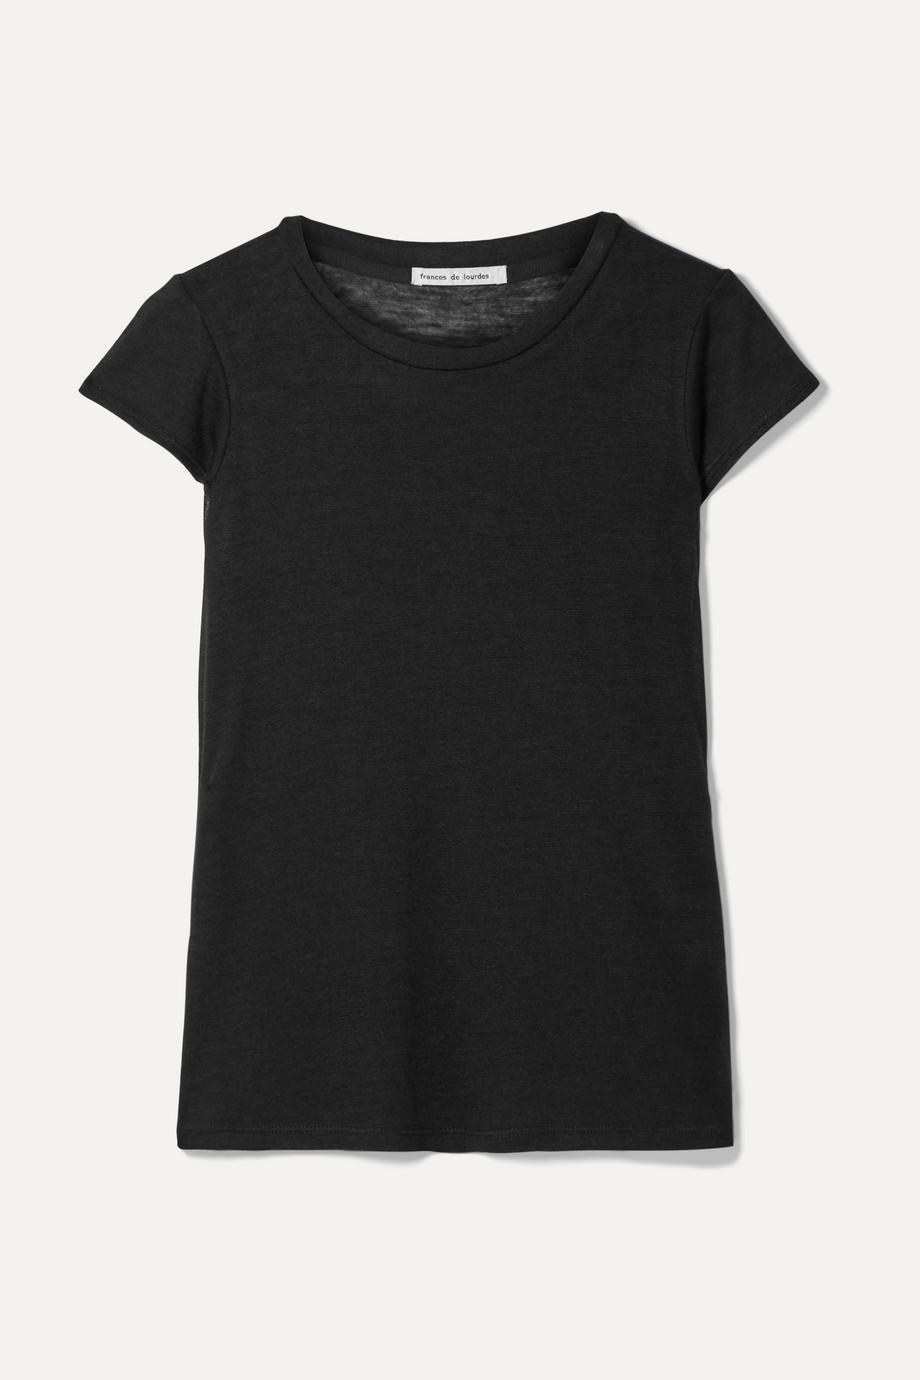 Frances de Lourdes Garçon 羊绒真丝混纺 T 恤